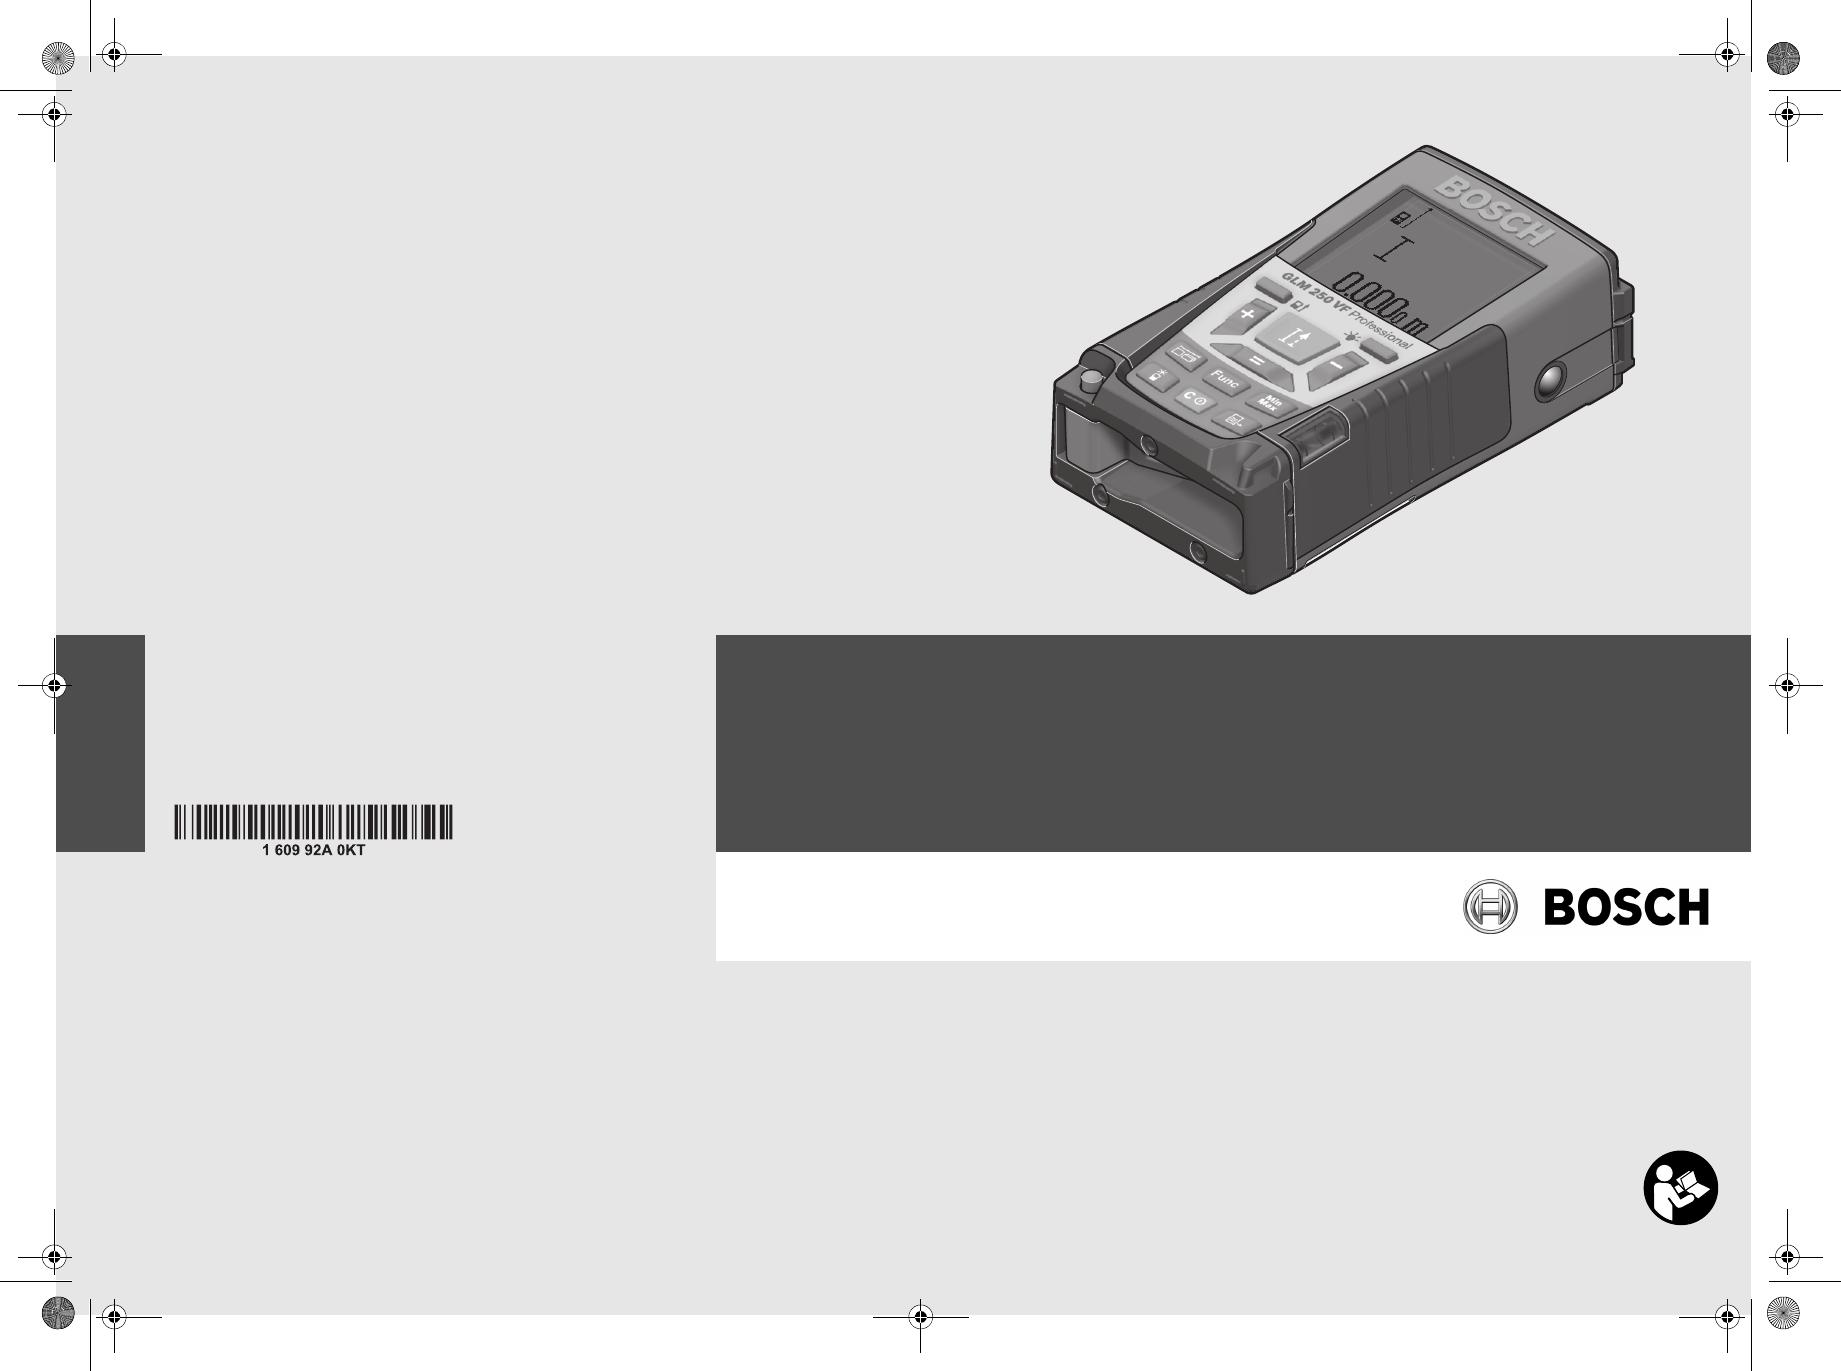 Laser Entfernungsmesser Bosch Glm 250 Vf : Bedienungsanleitung bosch glm vf seite von dänisch